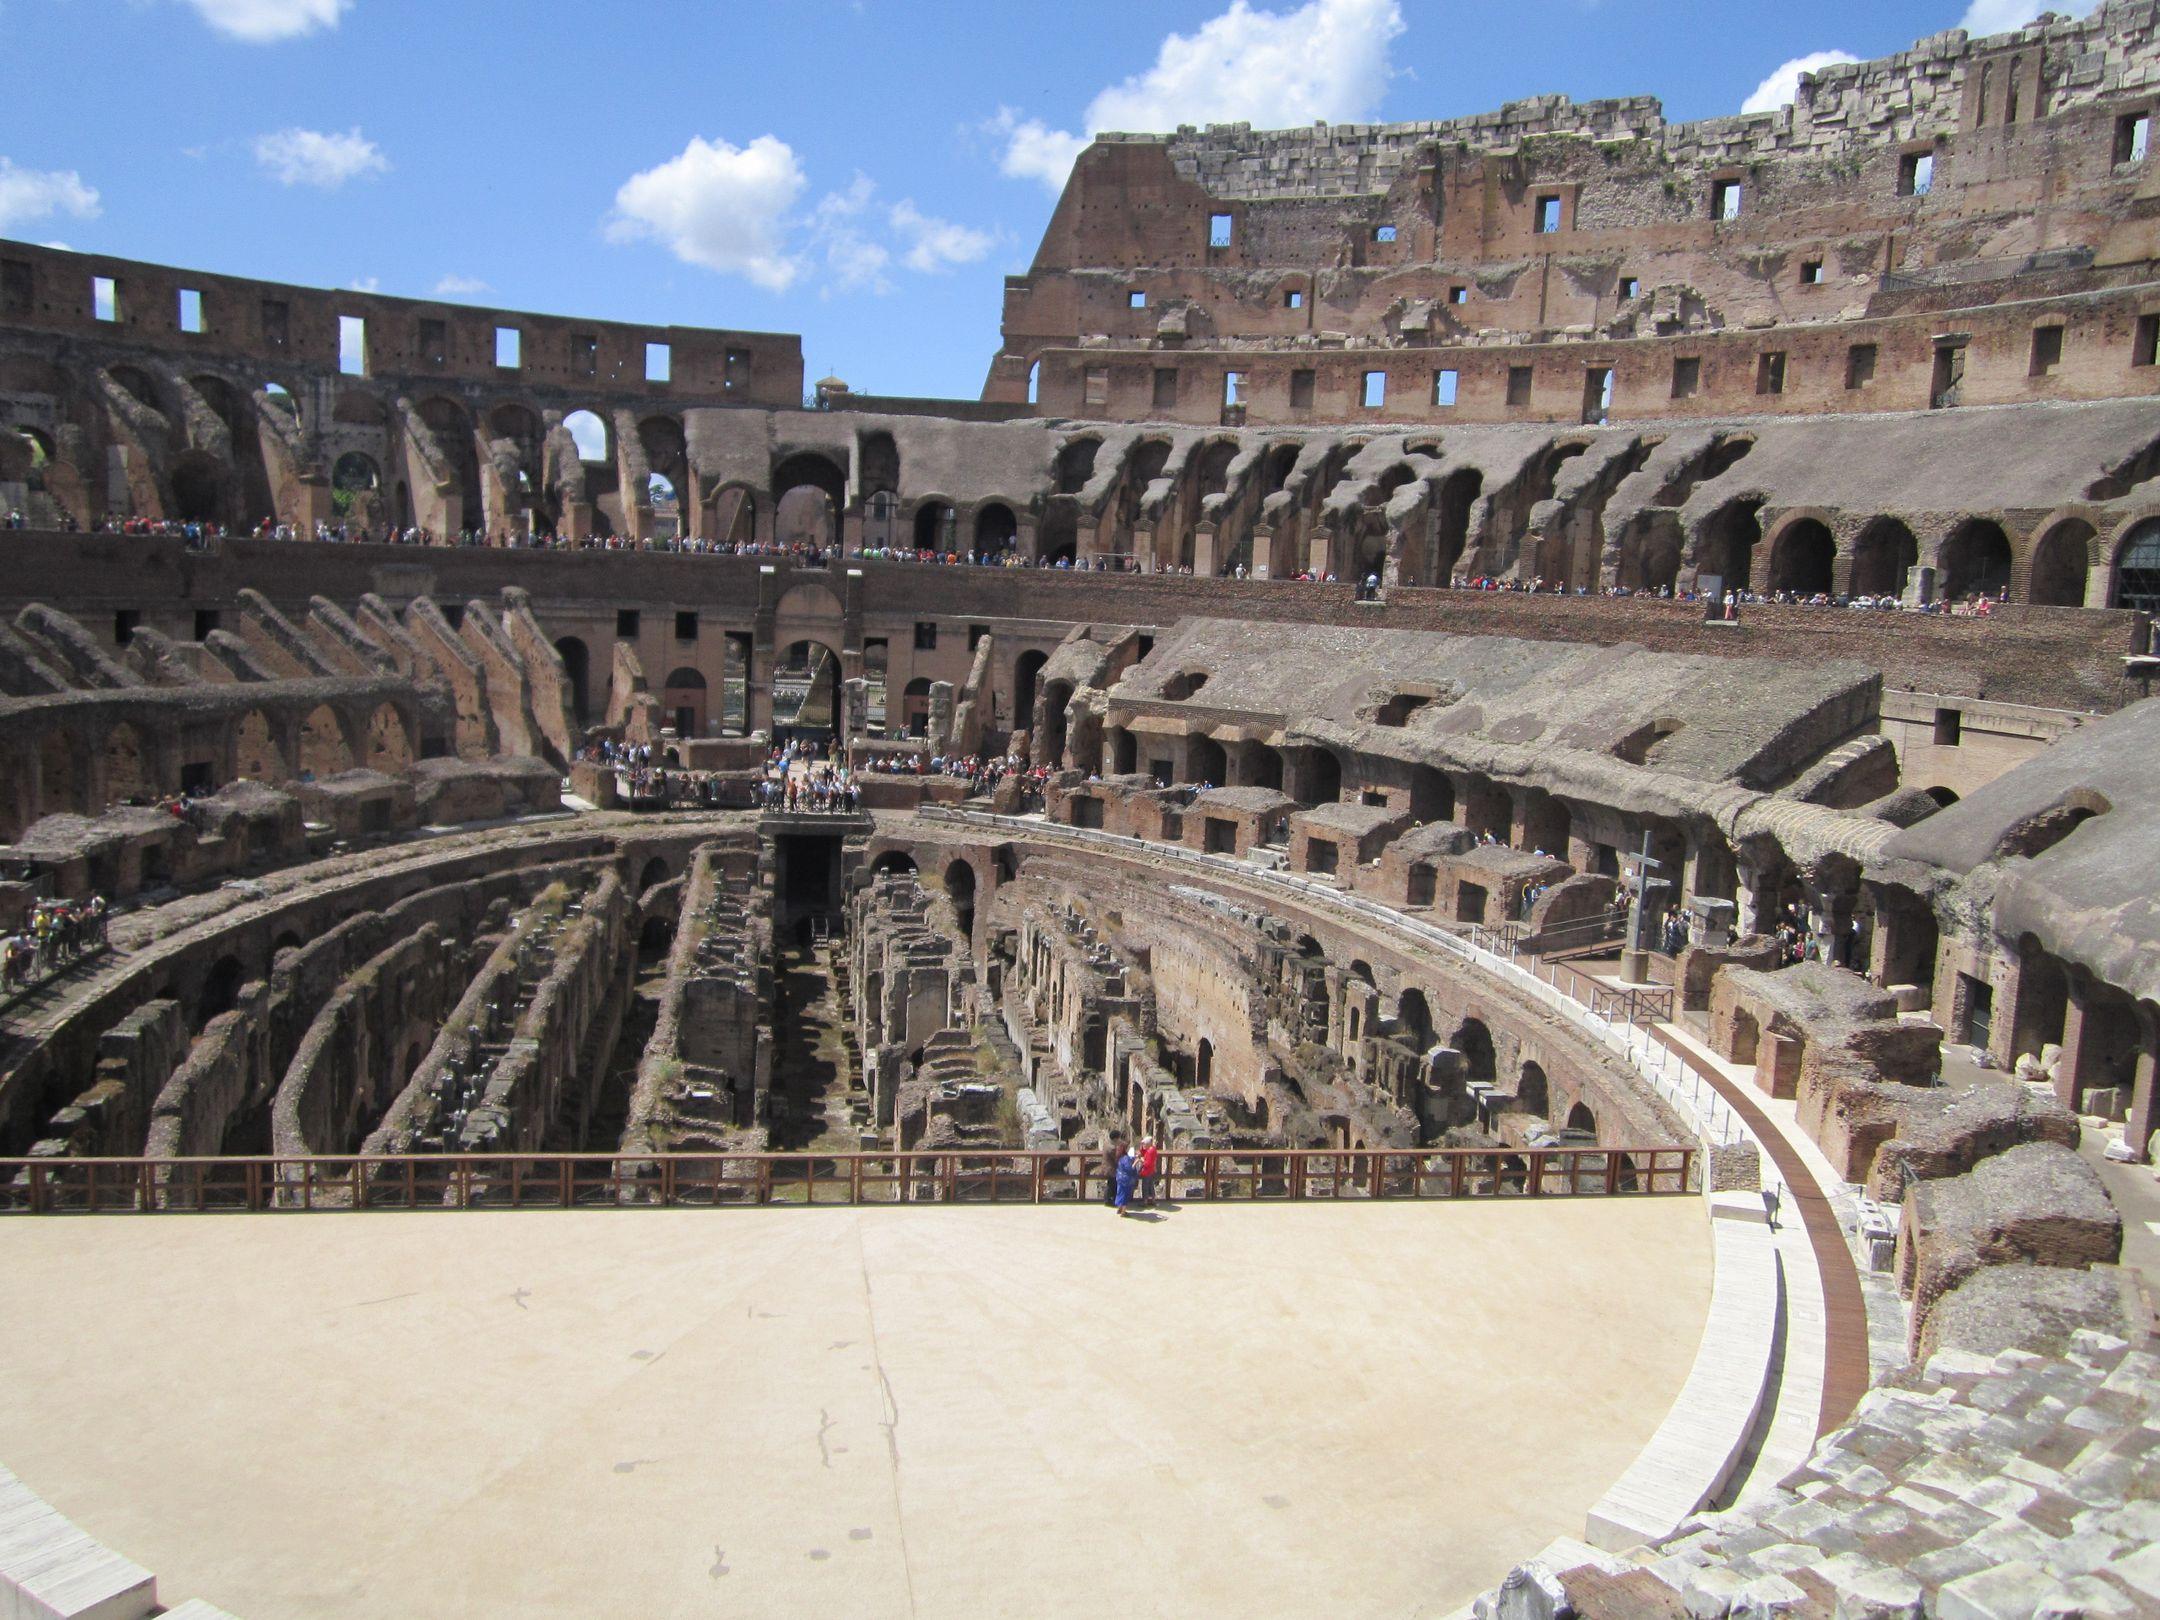 Rome rione celio amphith atre flavien int rieur for Interieur u arena